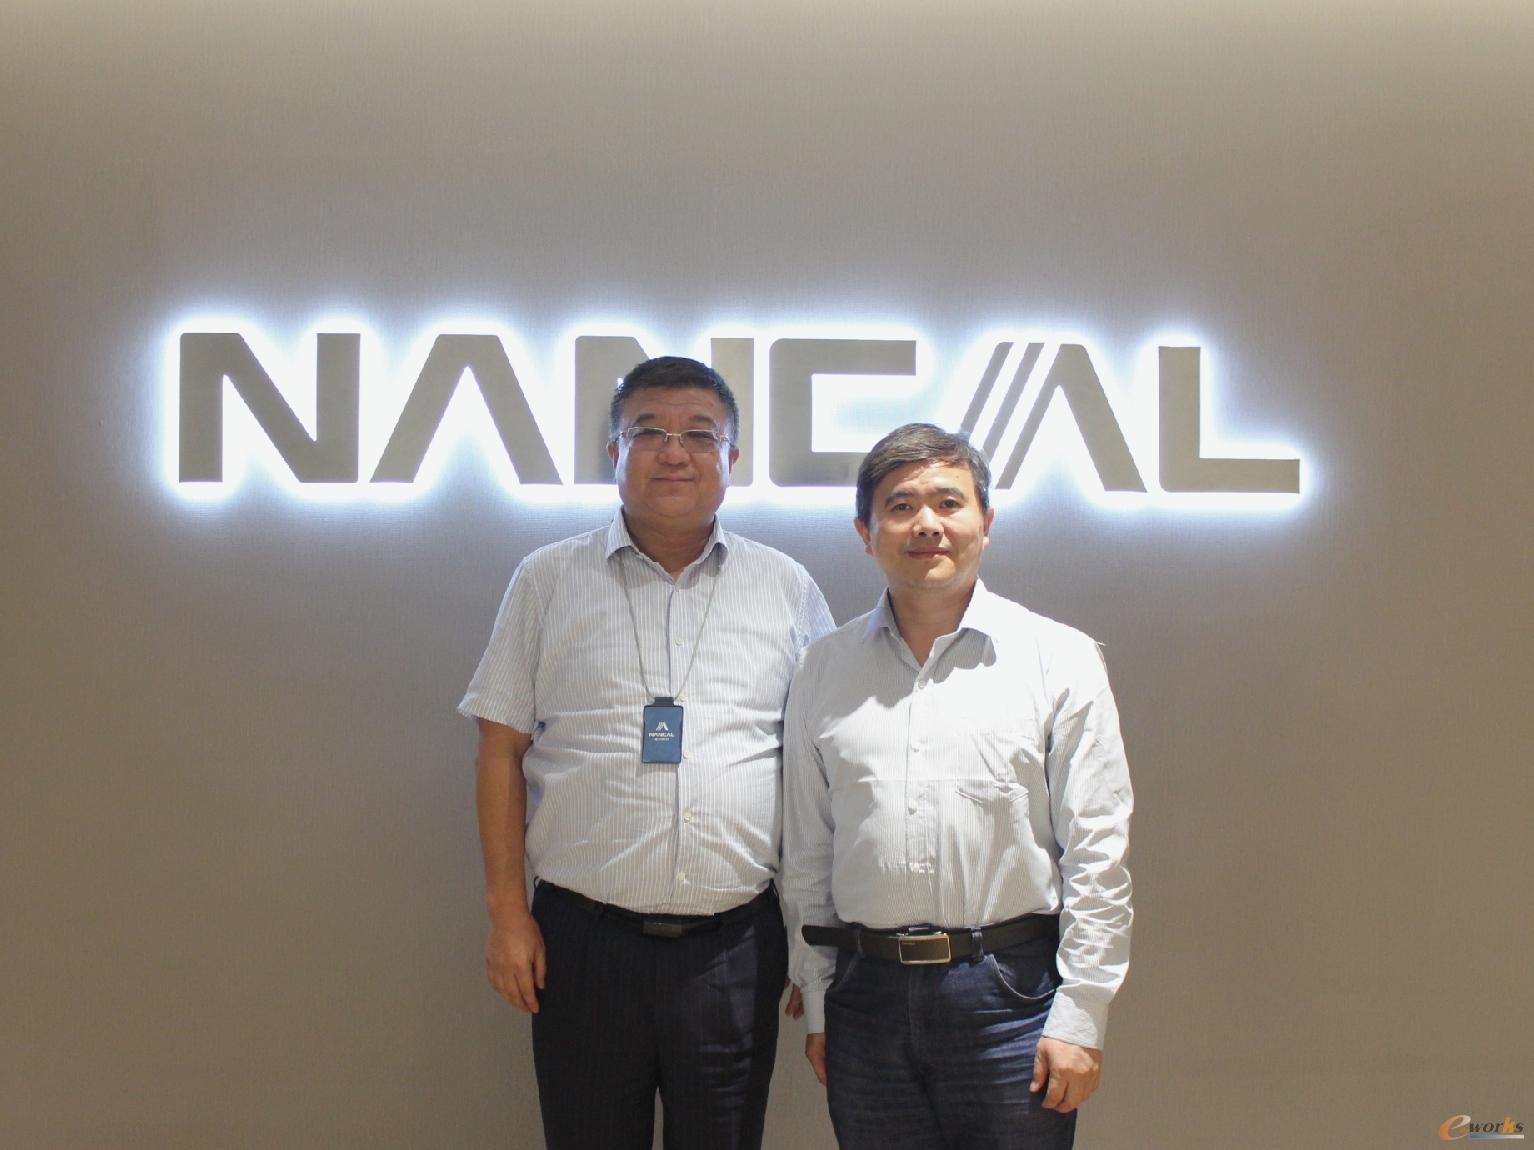 能科科技股份有限公司董事长祖军先生(左)与e-works CEO黄培博士(右)